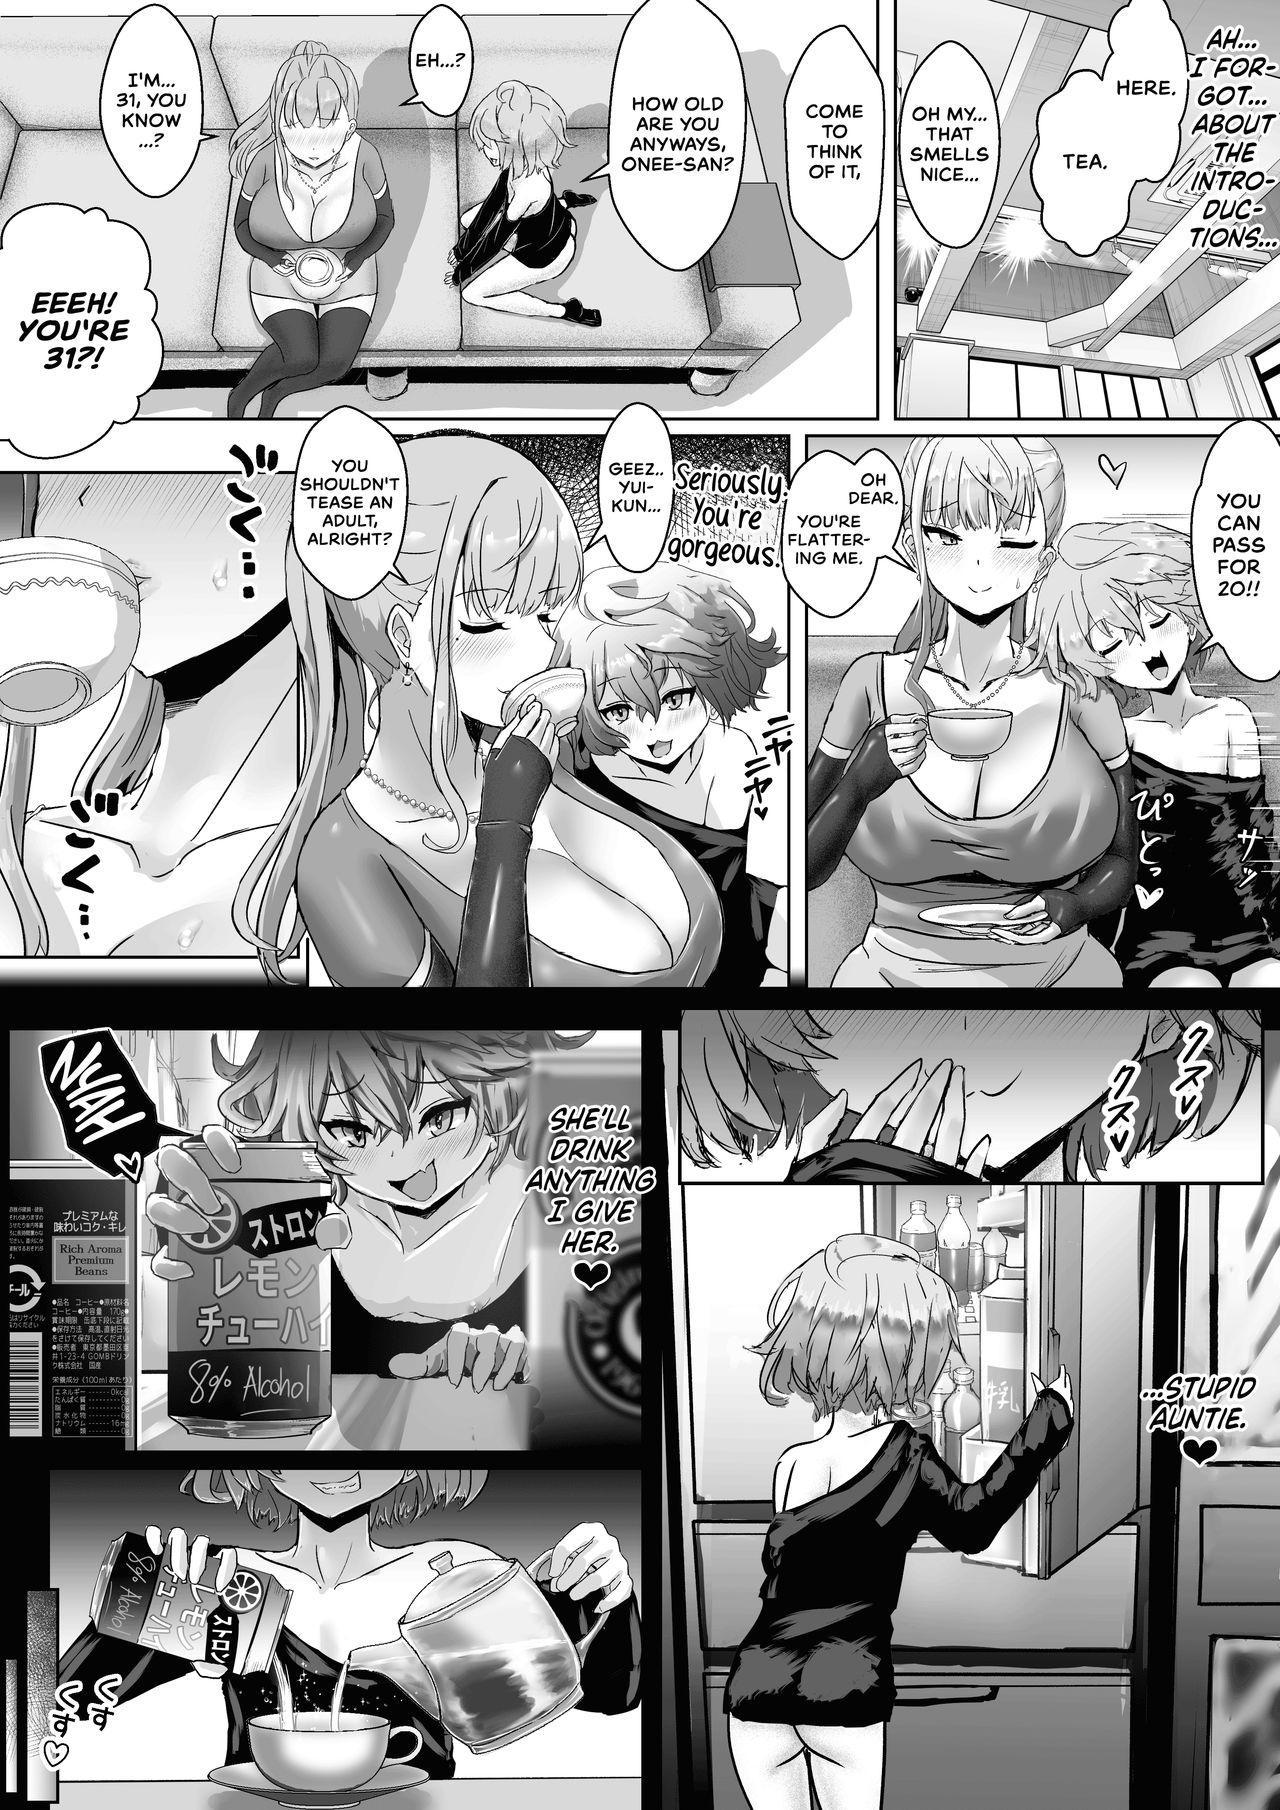 Tsuma ga Midareta Sugata o Boku wa Shiranai   I've Never Seen My Wife Dishevelled 10